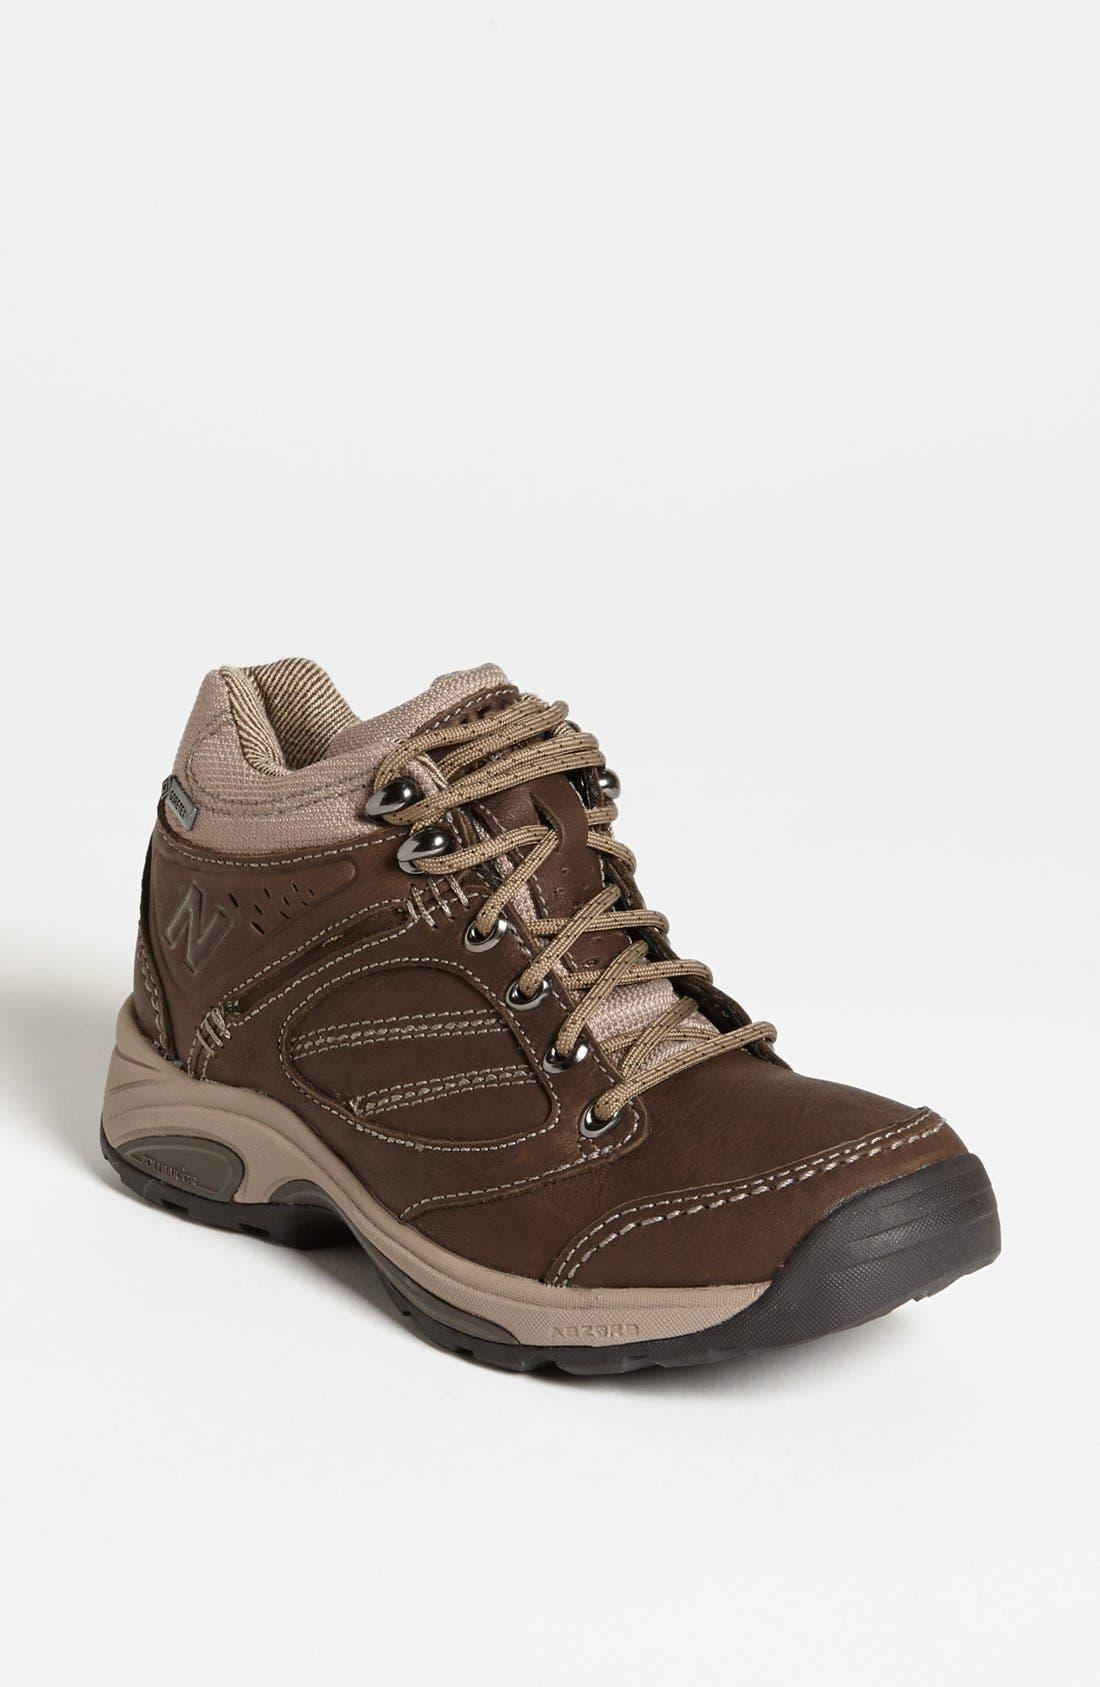 Main Image - New Balance '1569' Walking Shoe (Women)